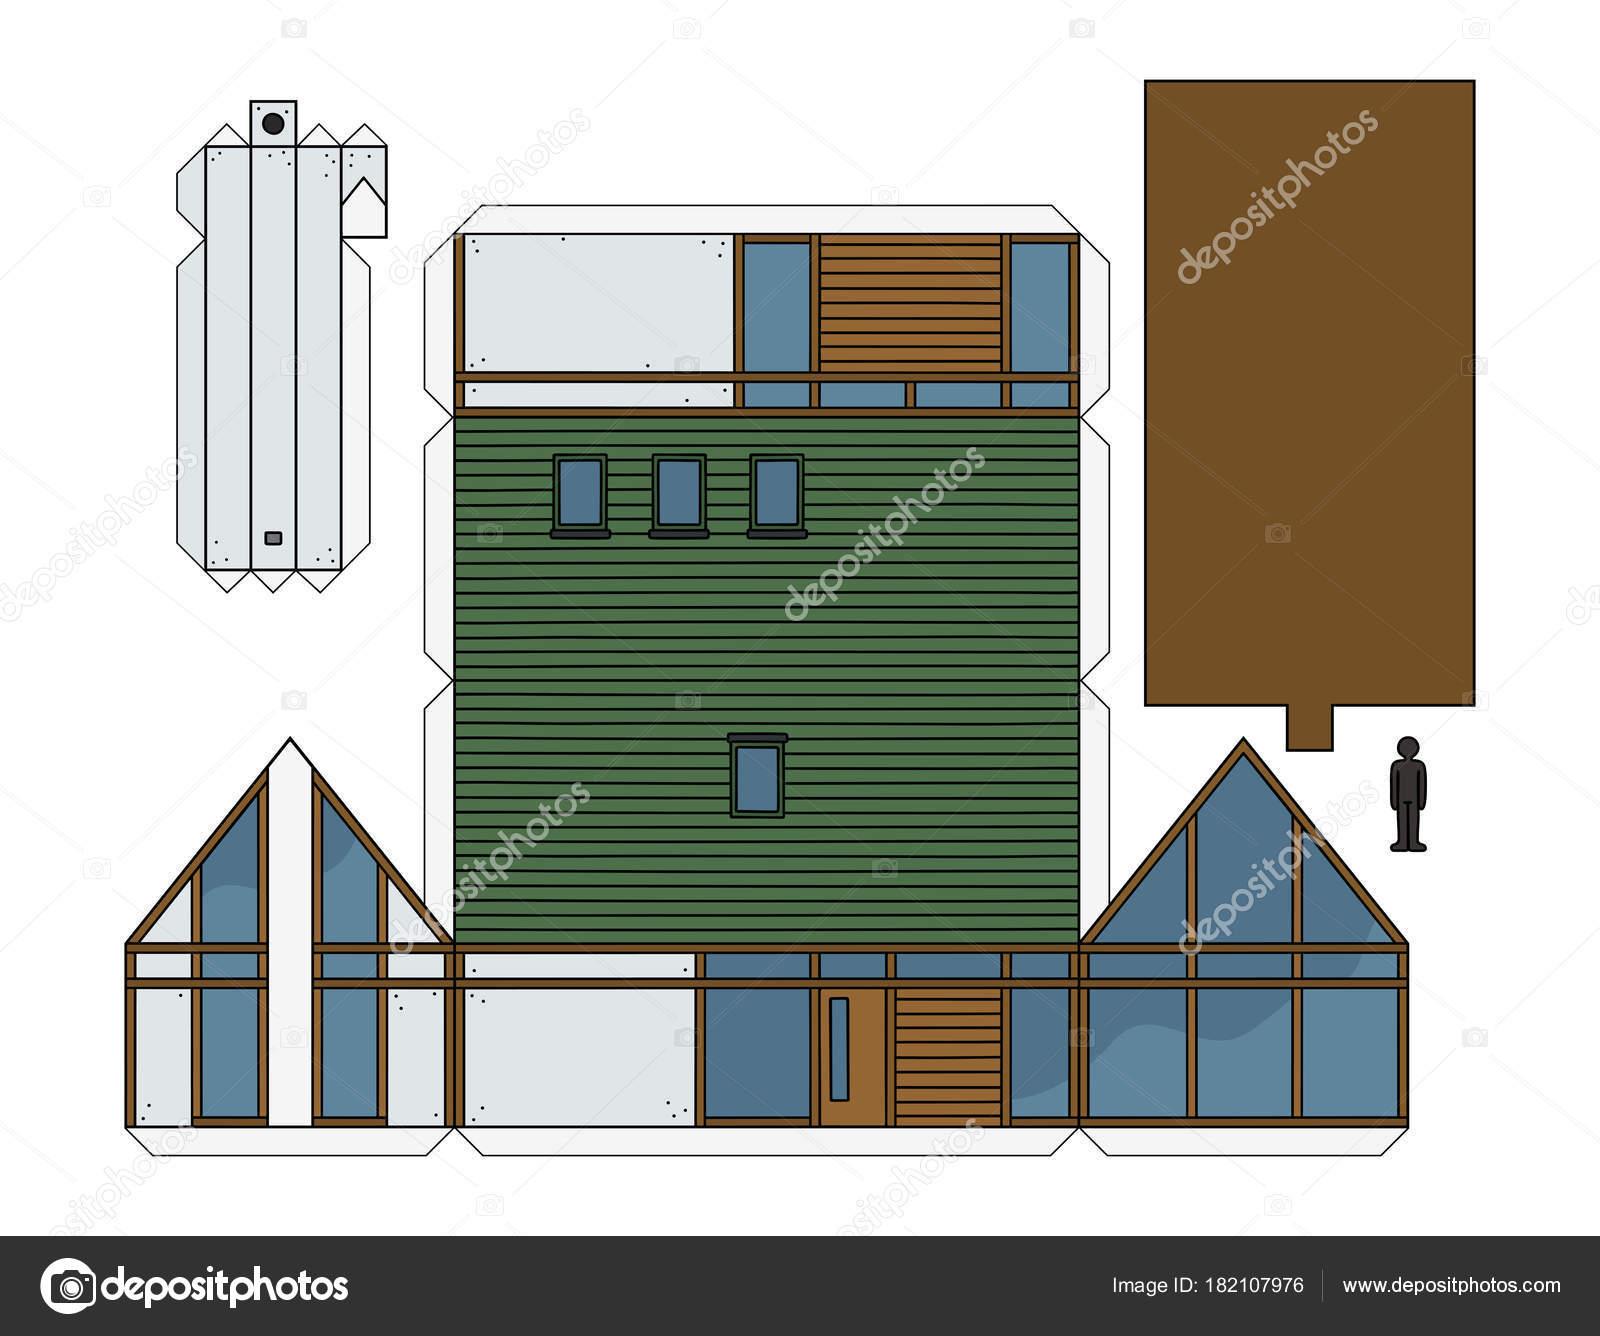 Modelo Papel Una Casa Diseño Moderno — Vector de stock © 2v #182107976